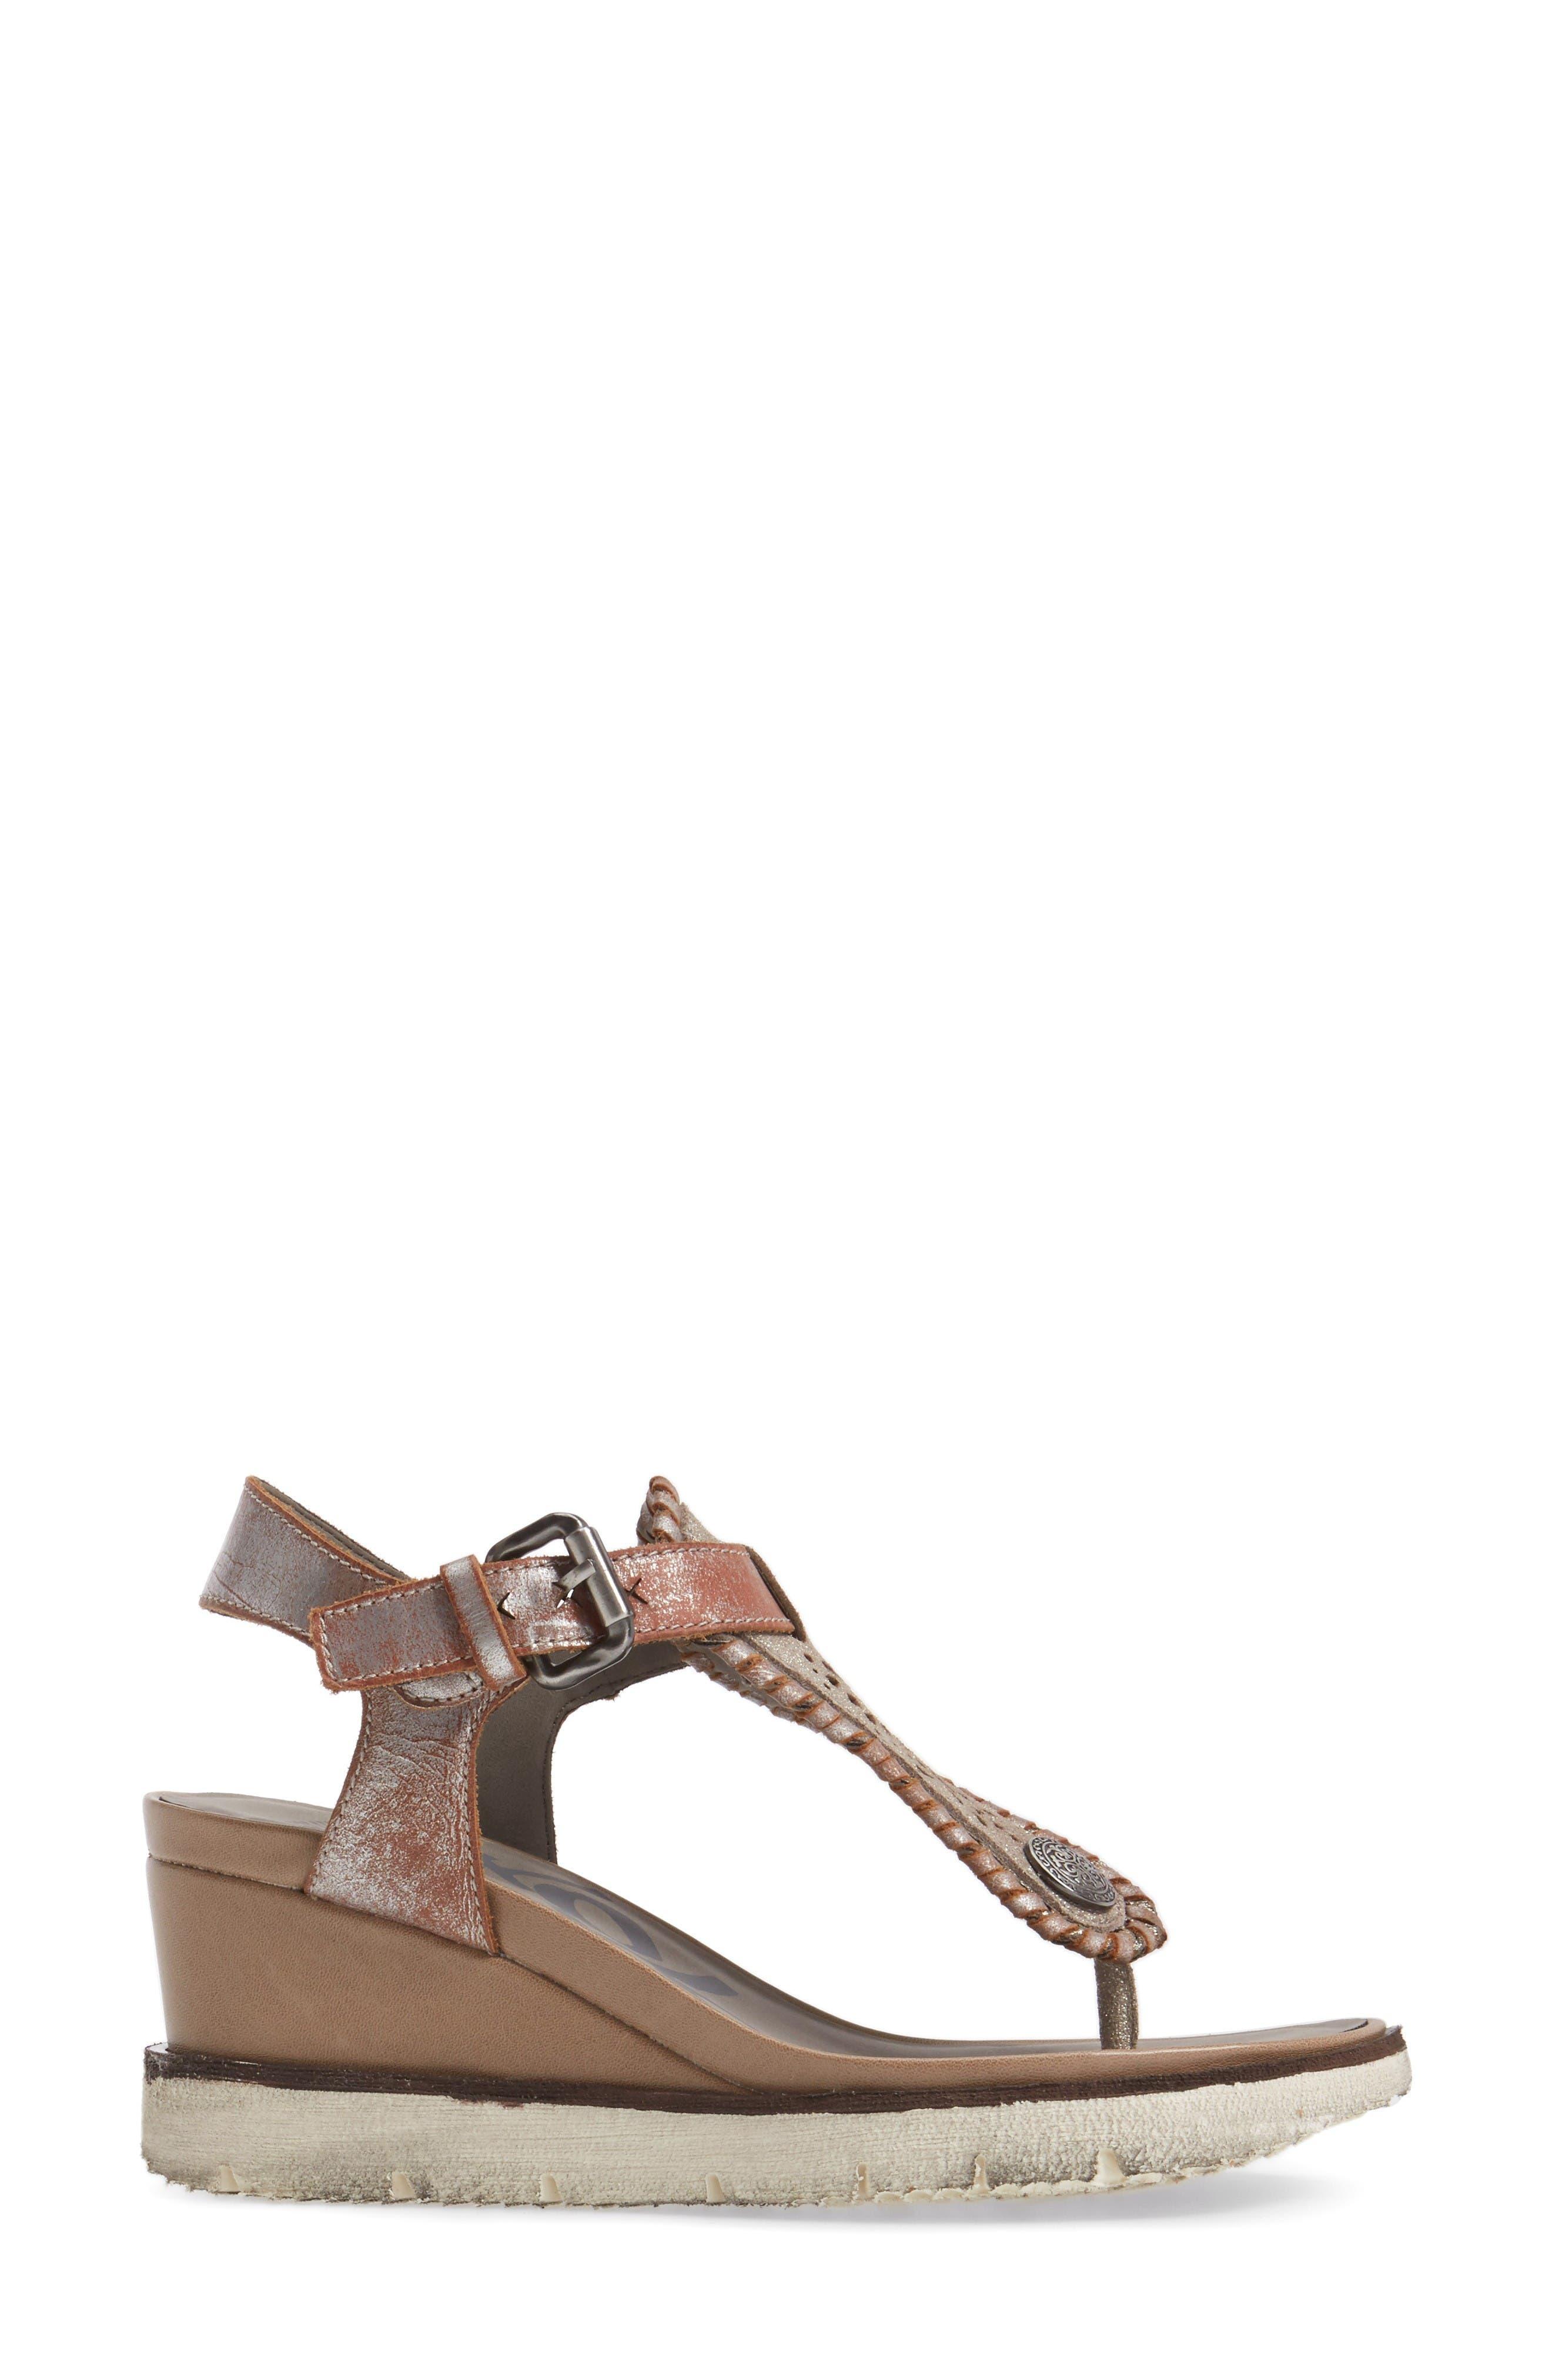 Excursion Wedge Sandal,                             Alternate thumbnail 3, color,                             Cloudburst Leather